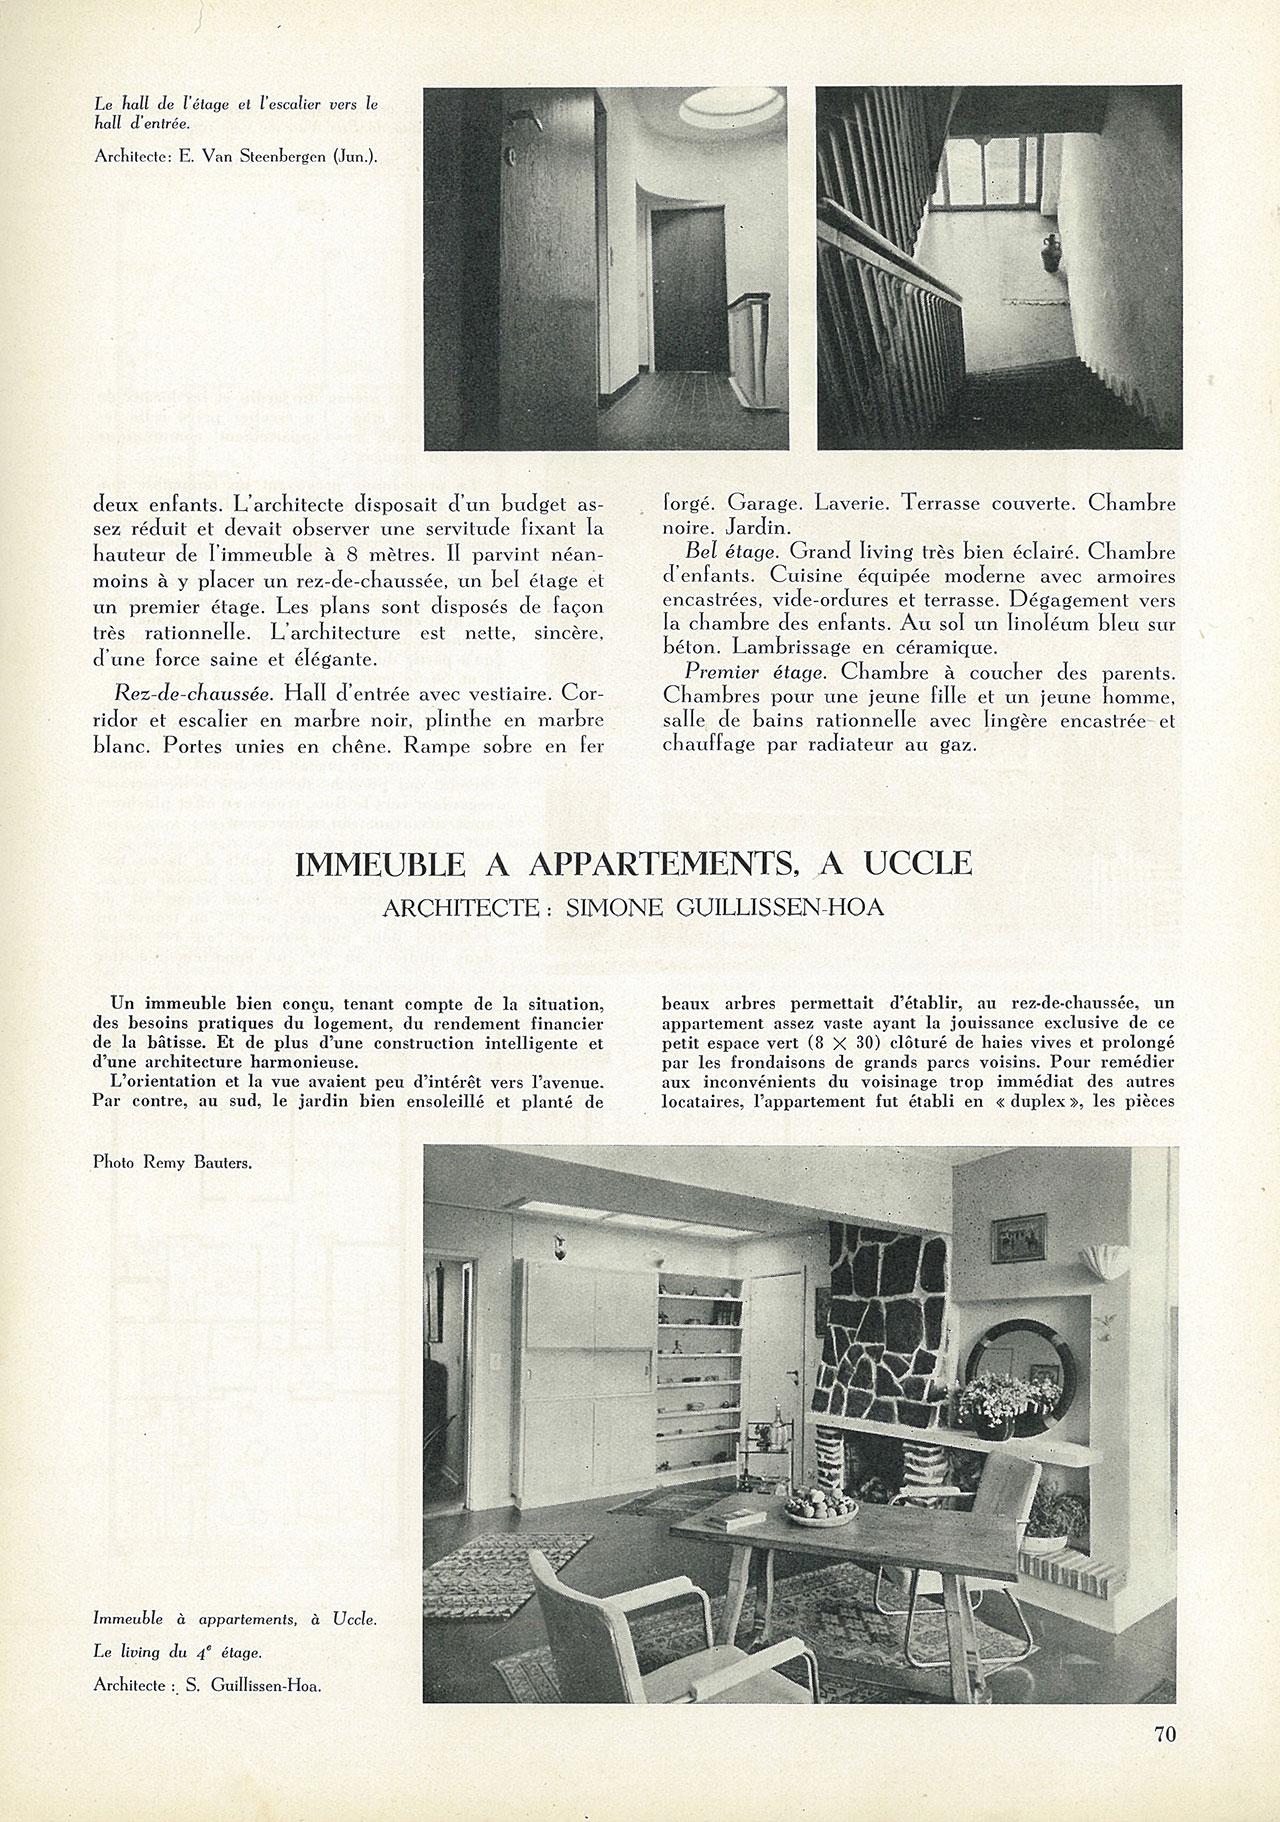 Immeuble à appartements, à Uccle